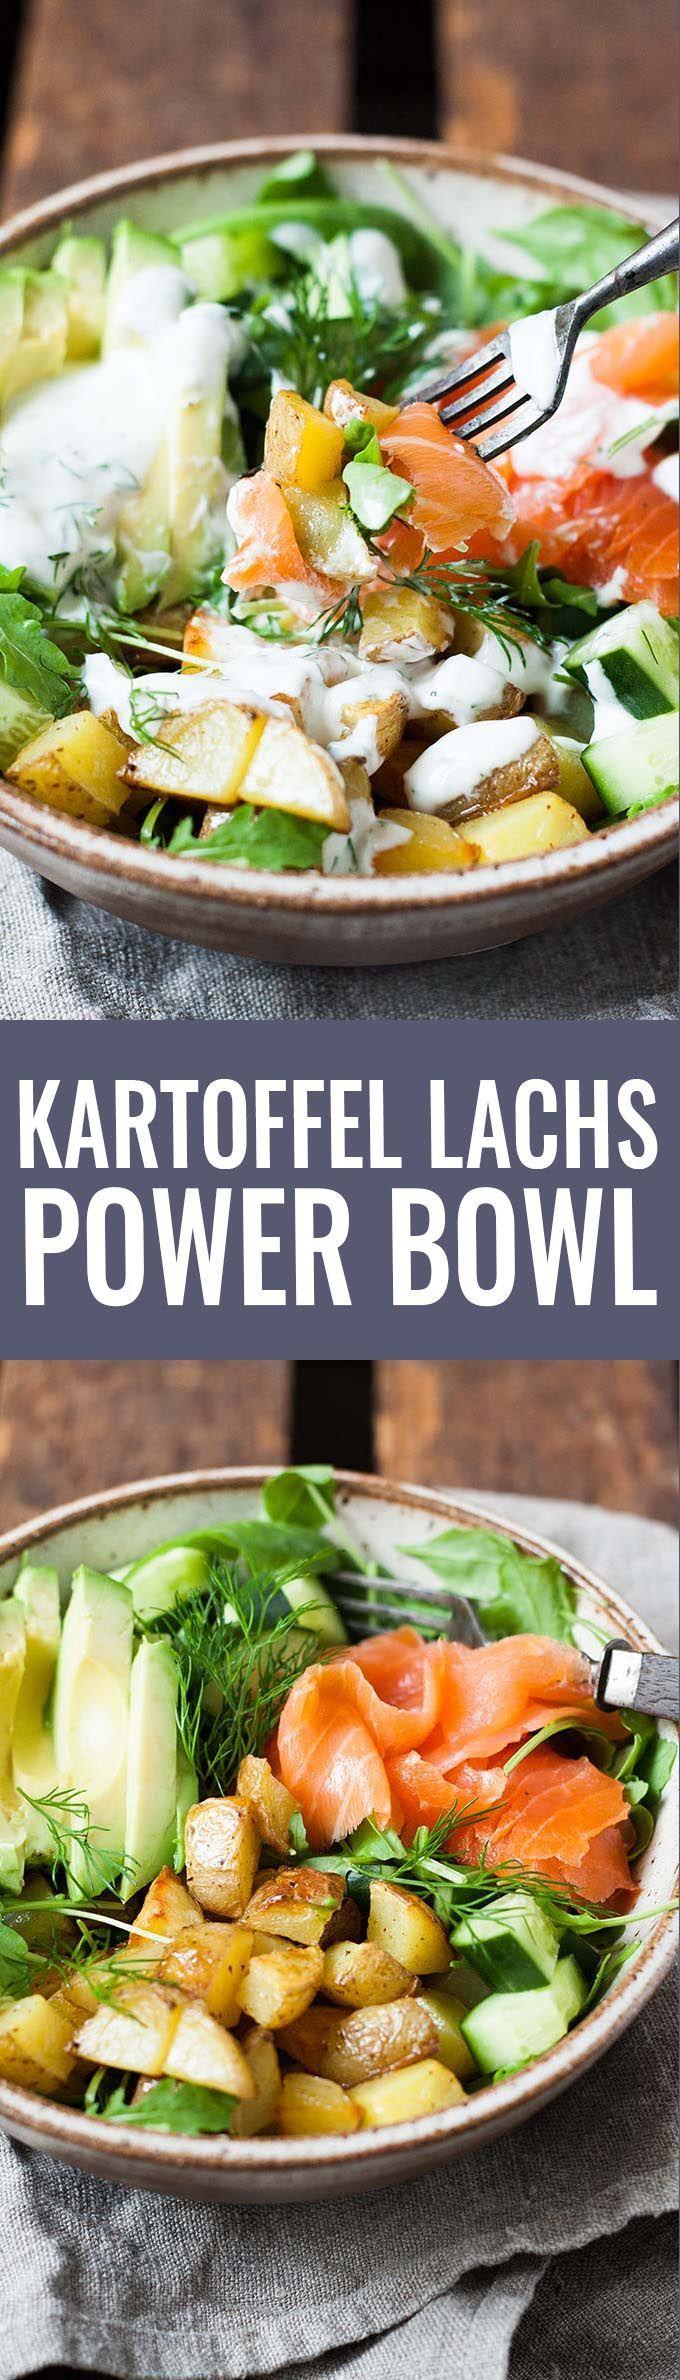 Kartoffel Lachs Power Bowl mit Avocado. Super beliebt und immer wieder gut - Kochkarussell.com